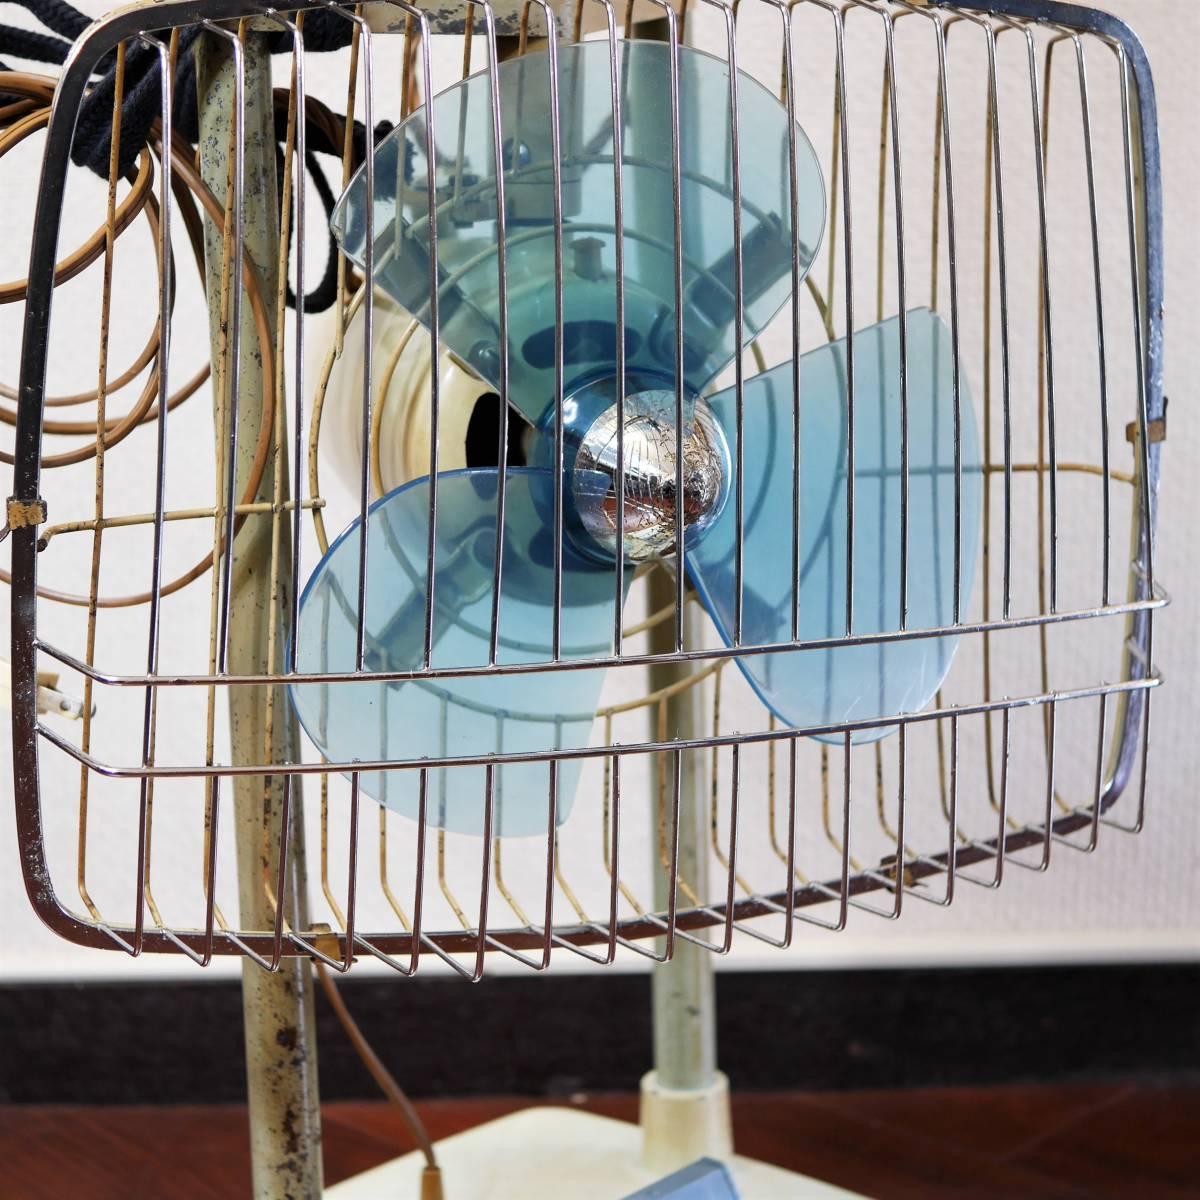 可動品!◆ FUJI 2連式 扇風機 希少 レトロ 当時物【Silent Pair】アンティーク_画像4